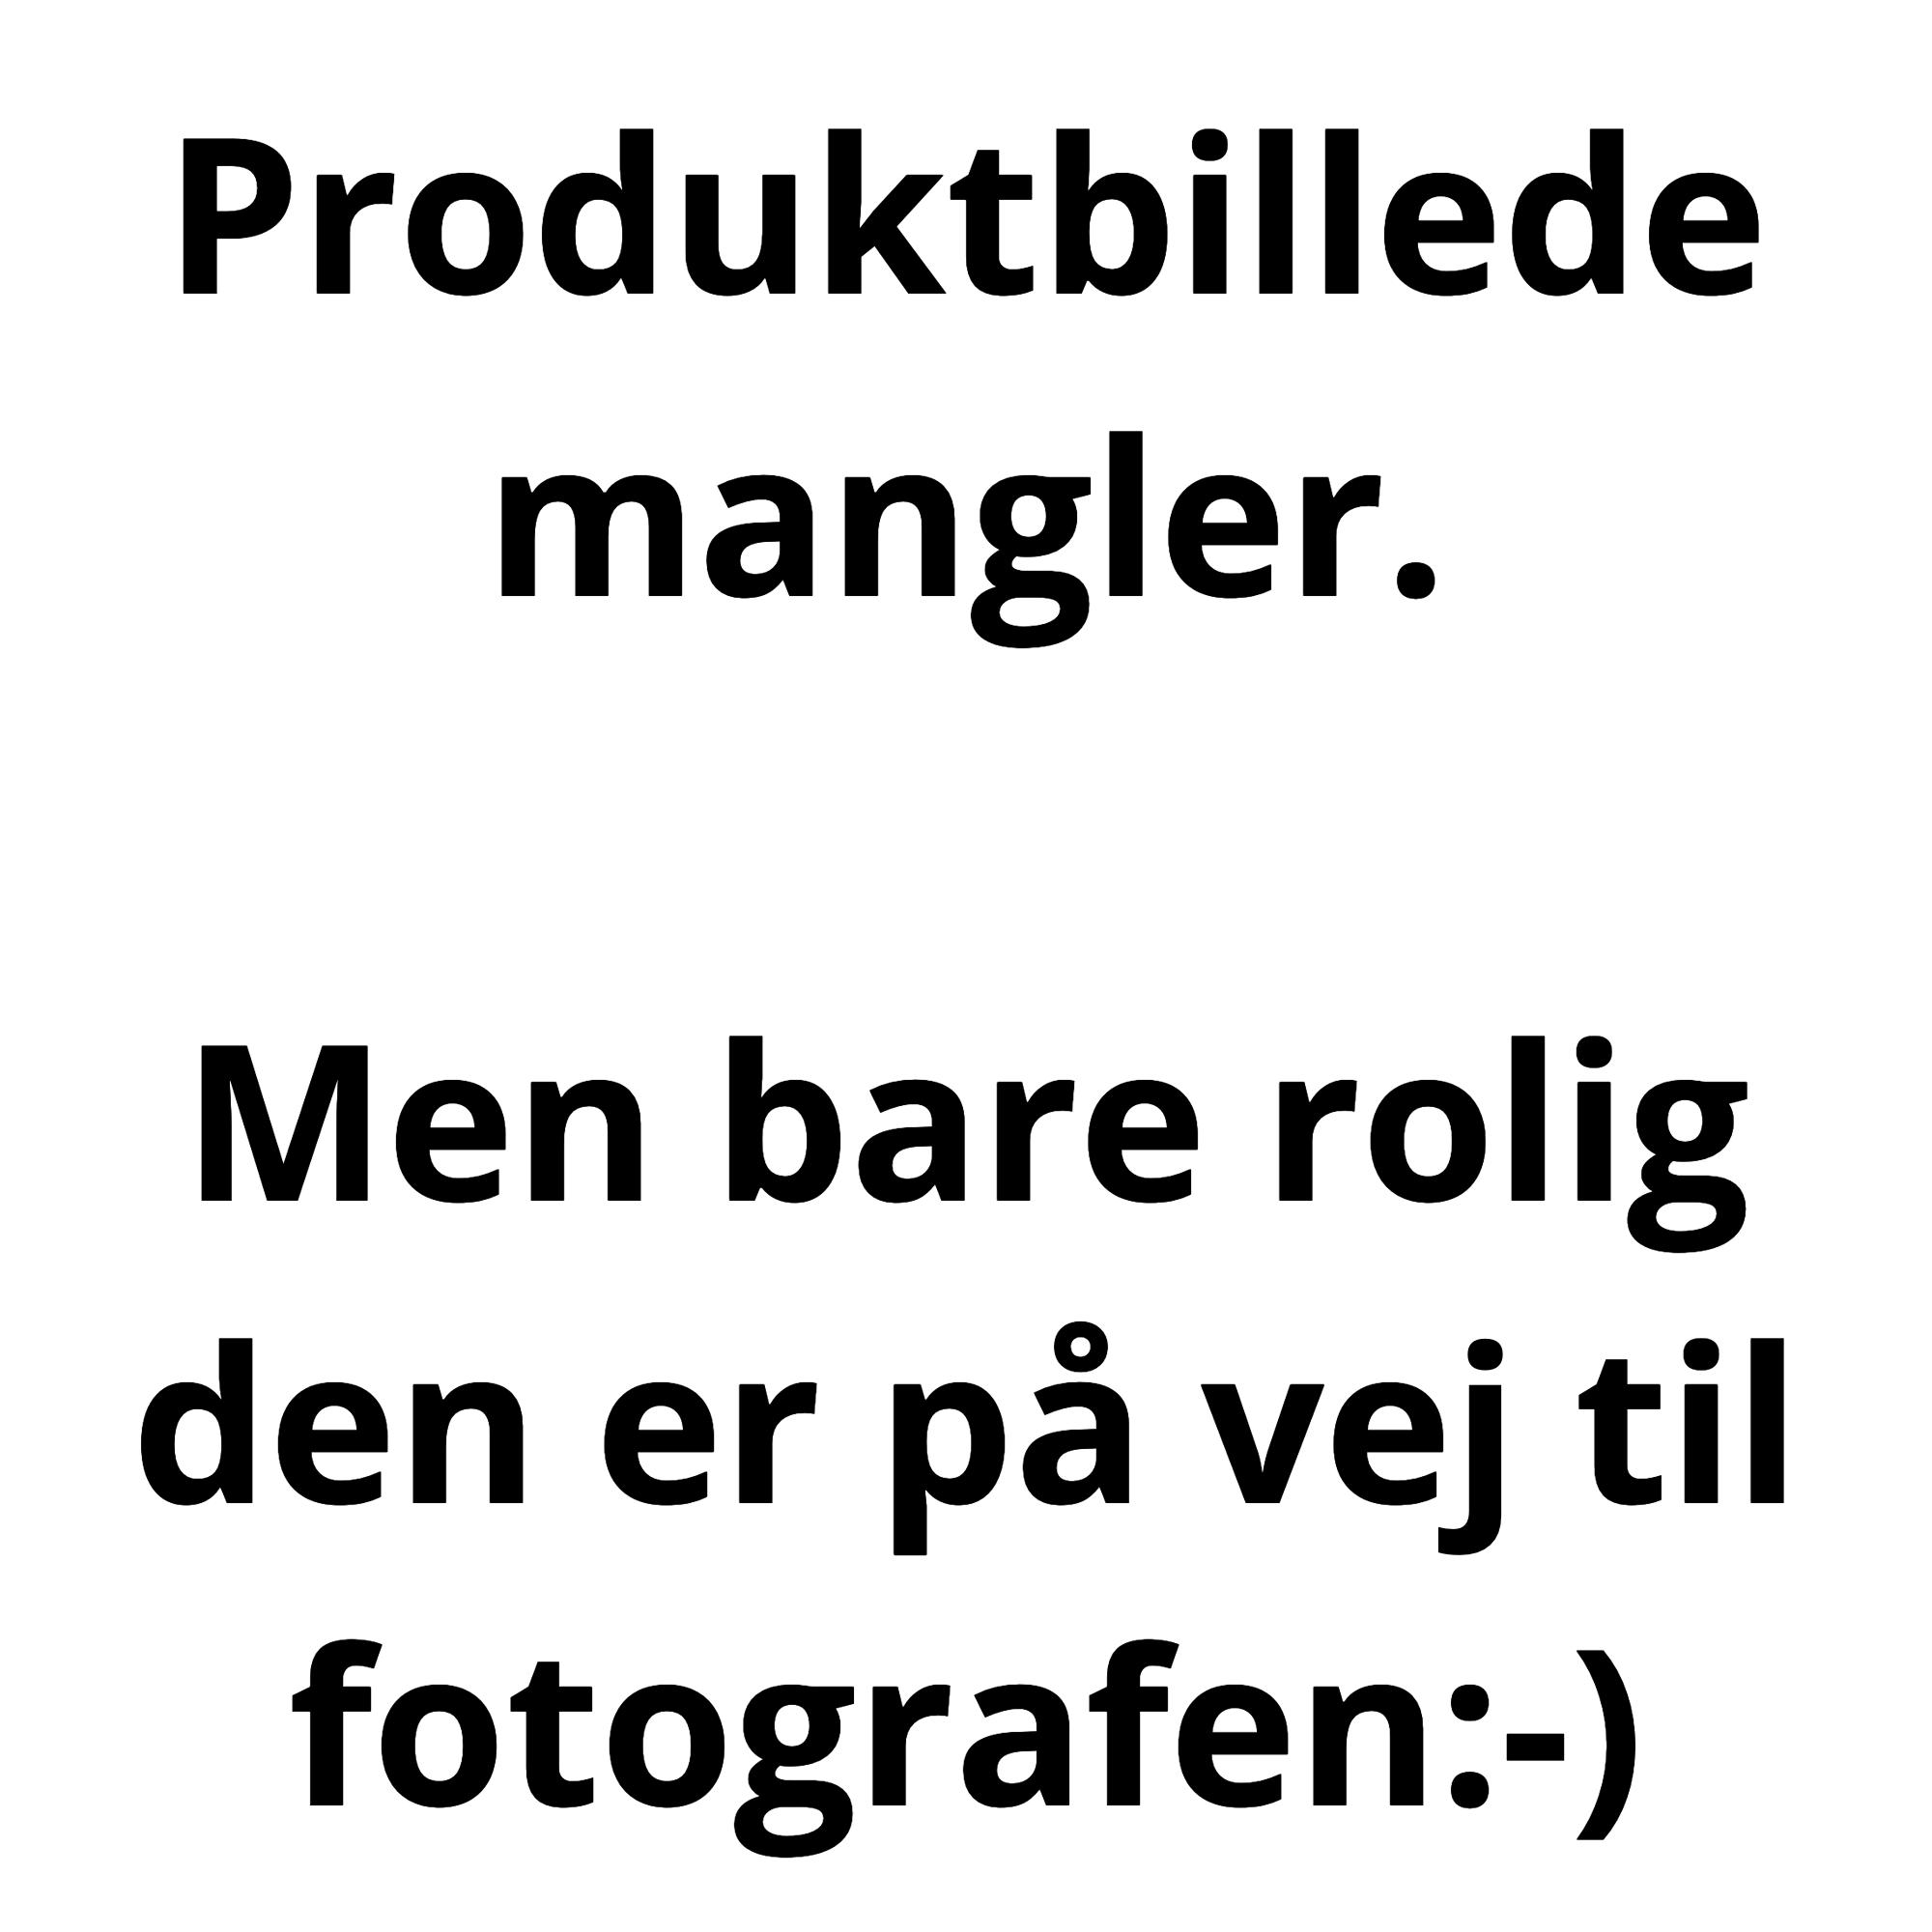 Brodit Passiv mobilholder m. kabeltilslutning ligthning til 30 pin til Apple iPhone 6/6S/7/8/X/Xs B:62-77 D:6-10 - 515666